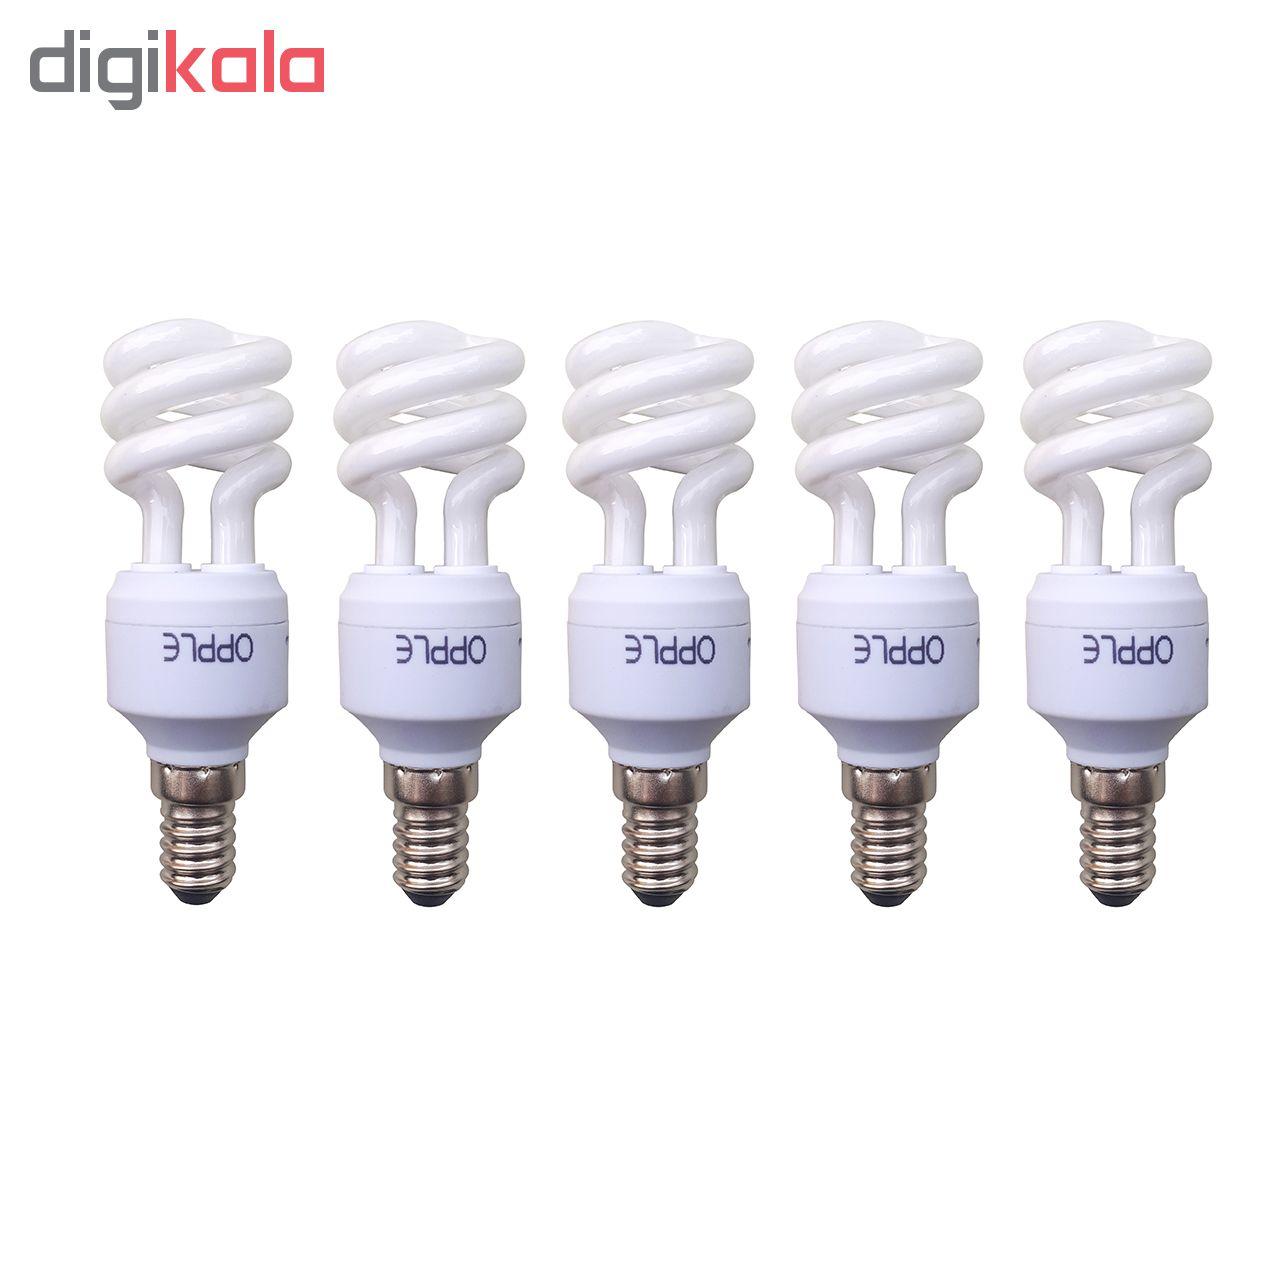 لامپ کم مصرف 8 وات اپل مدل 811 پایه E14 بسته ی 5 عددی